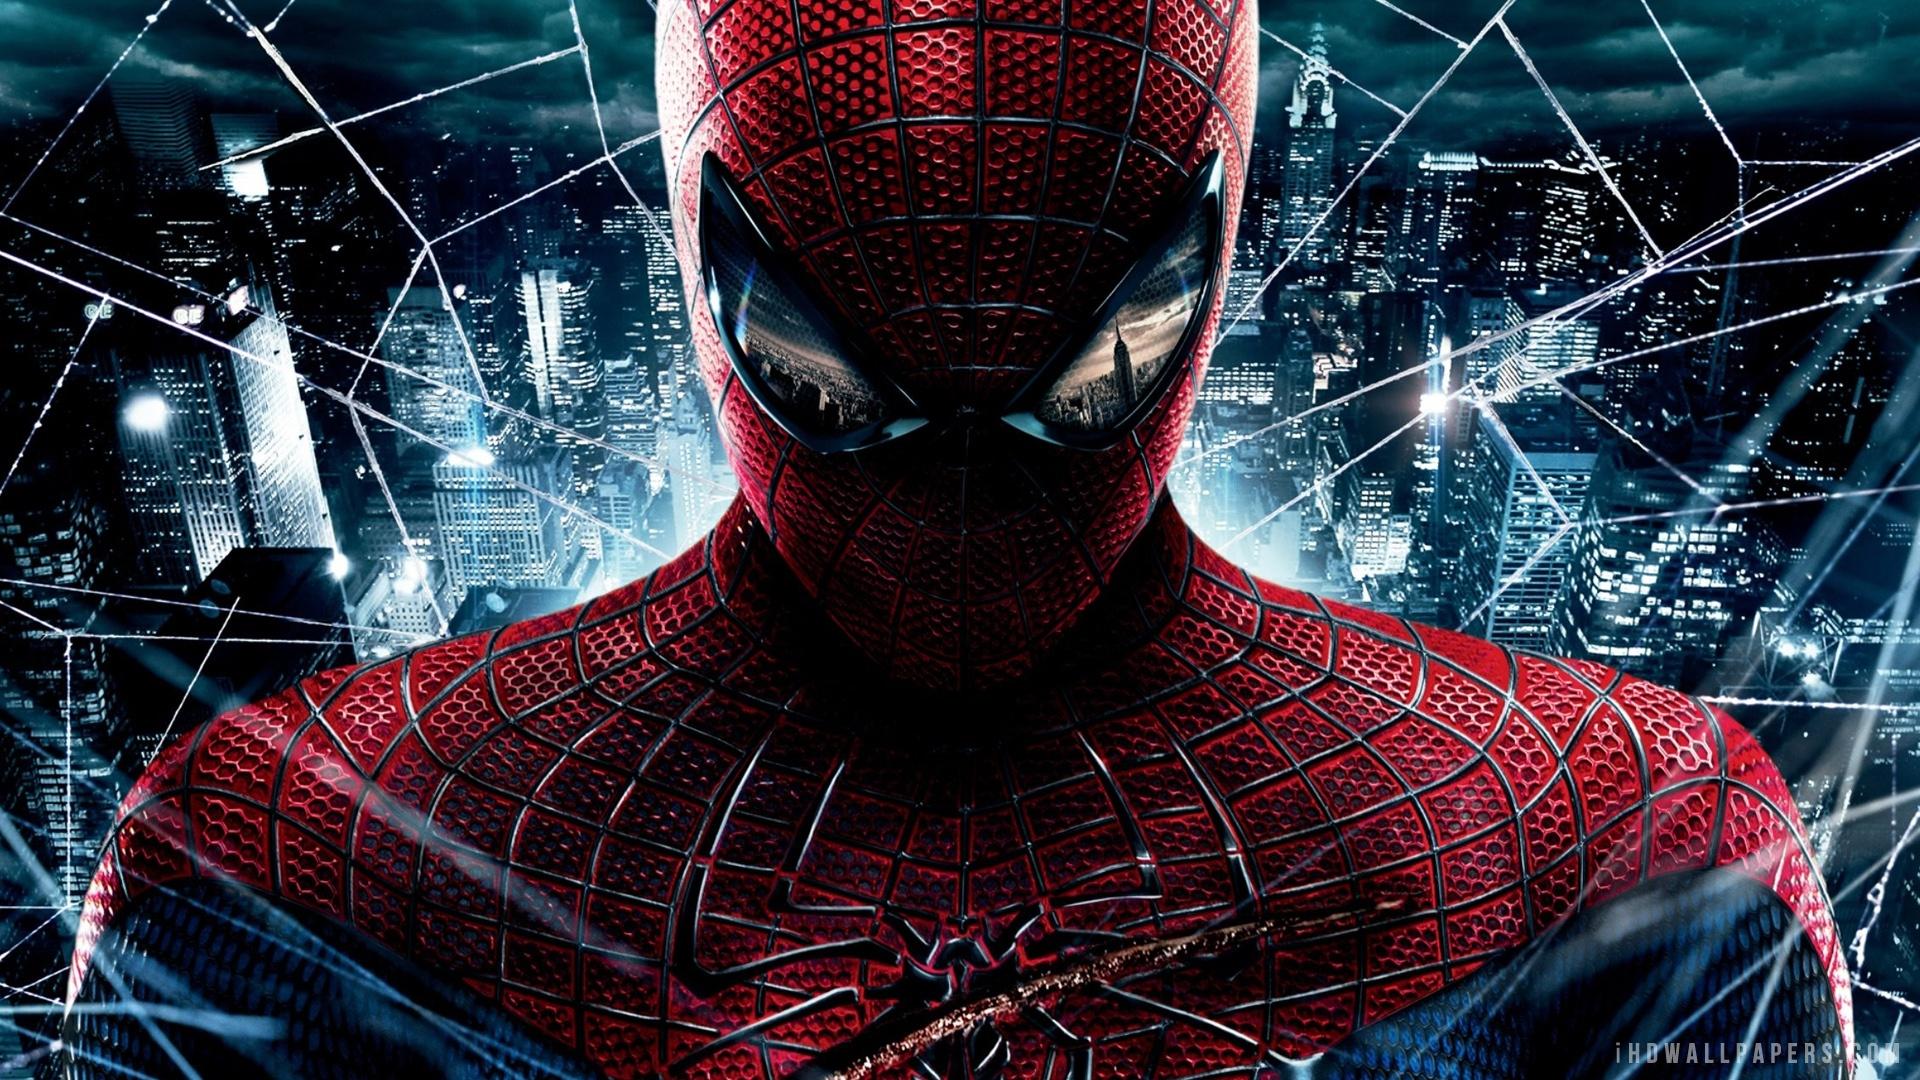 Amazing Spider Man HD Wide Wallpaper   1920x1080 Resolution 1920x1080